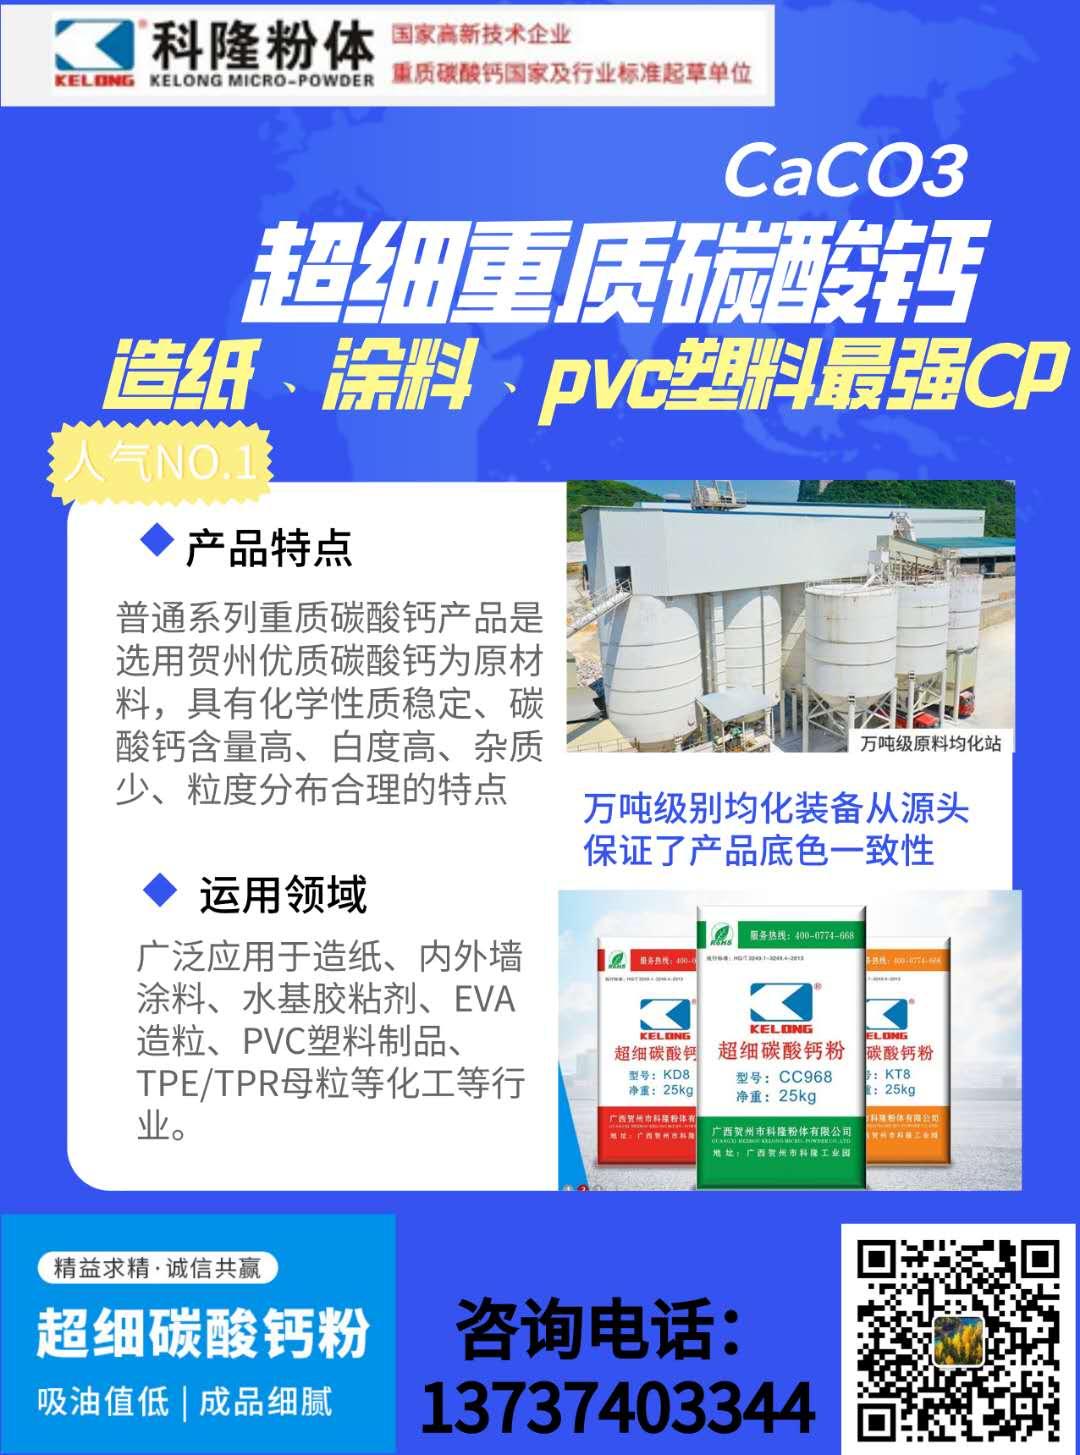 广西重钙厂/科隆粉体 EVA发泡/pvc人造革用600目超细碳酸钙(CC902)